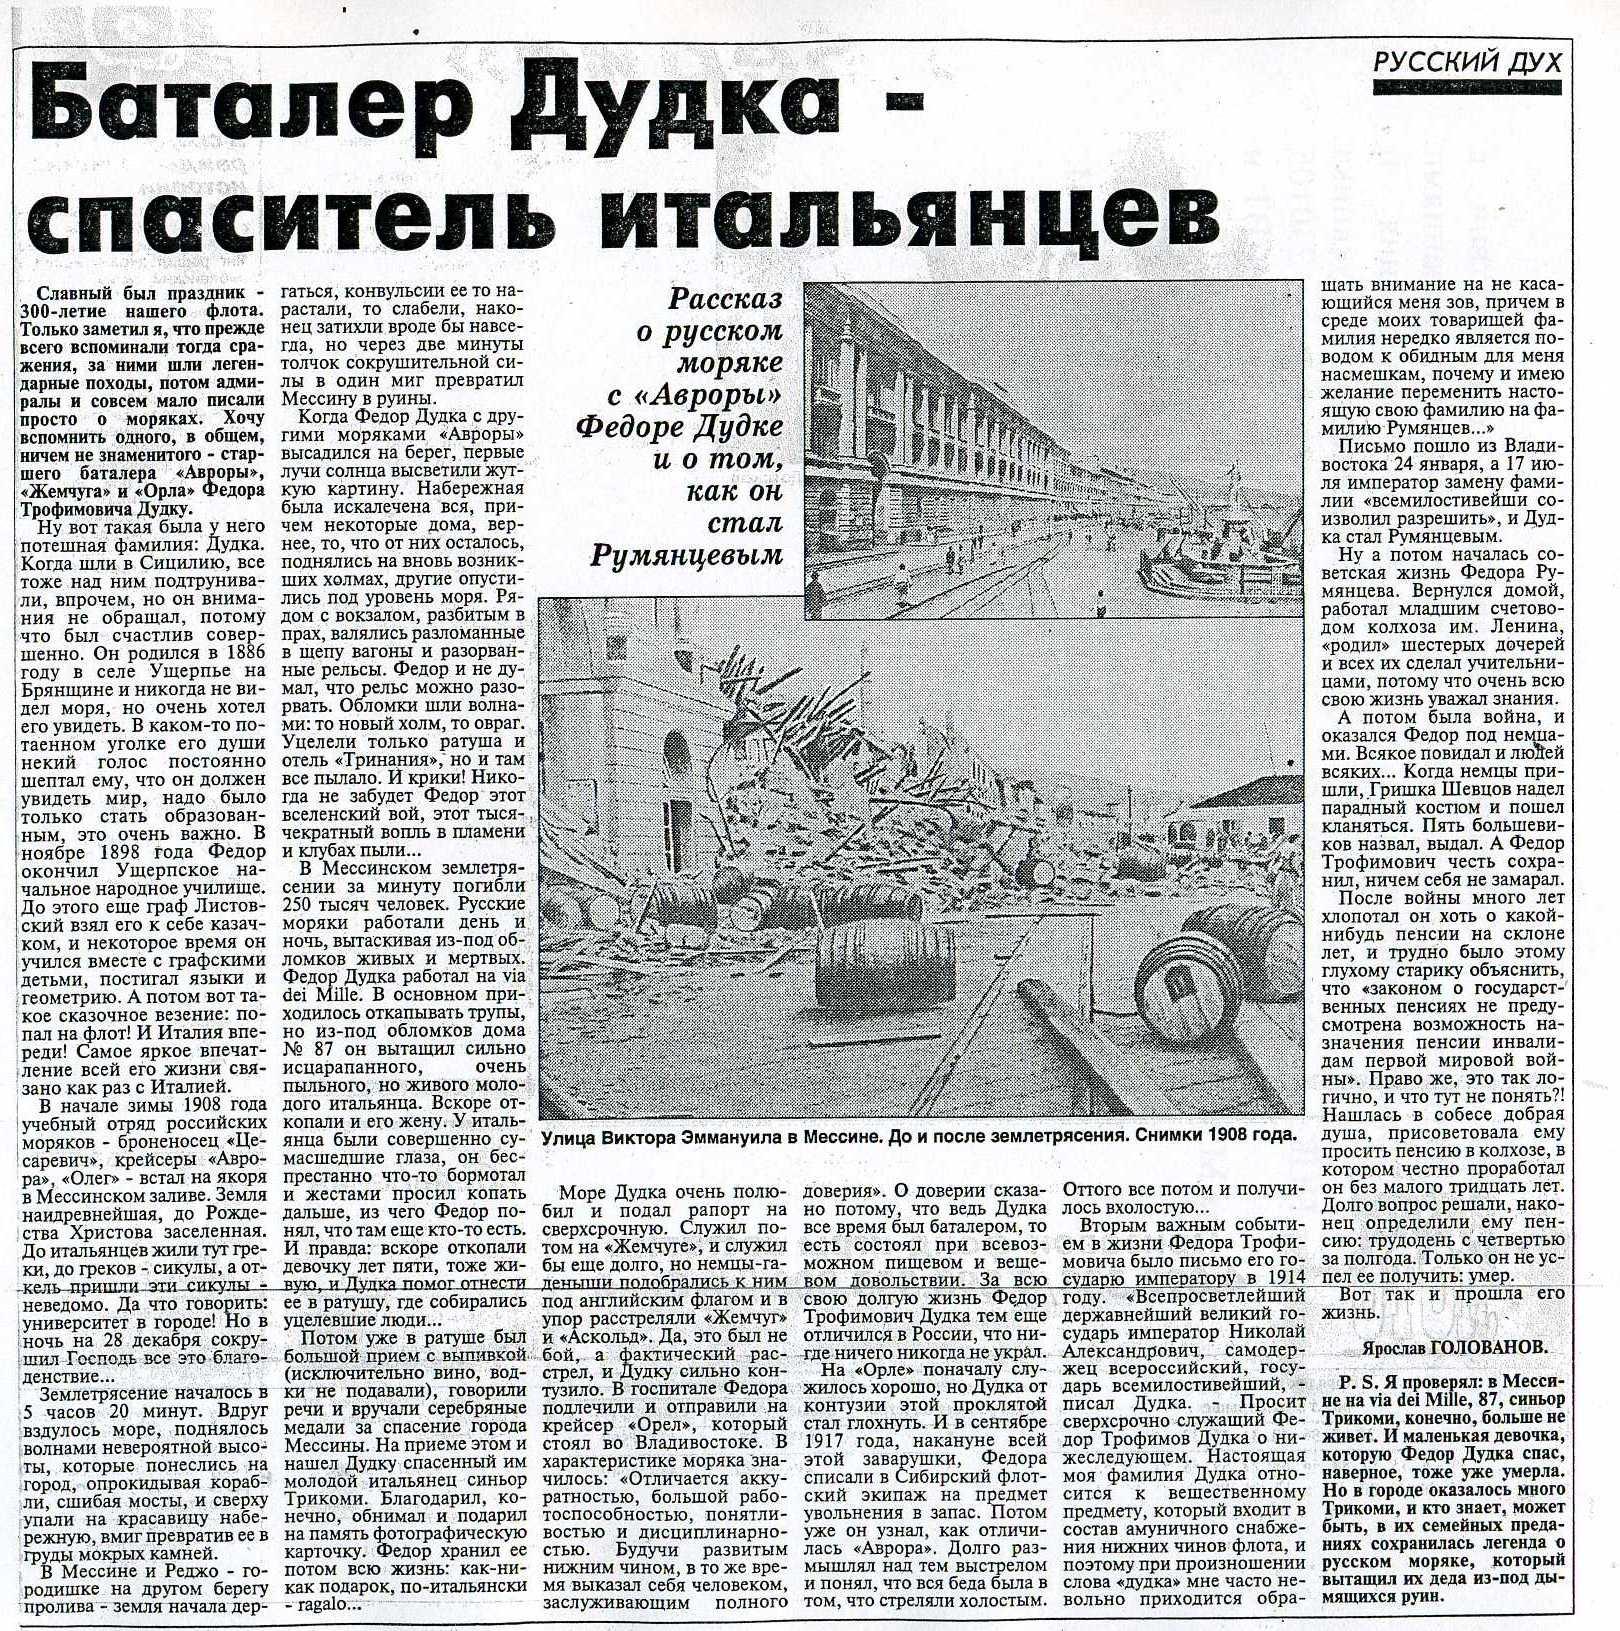 http://pics.livejournal.com/nikodimitrij/pic/0002a4qe